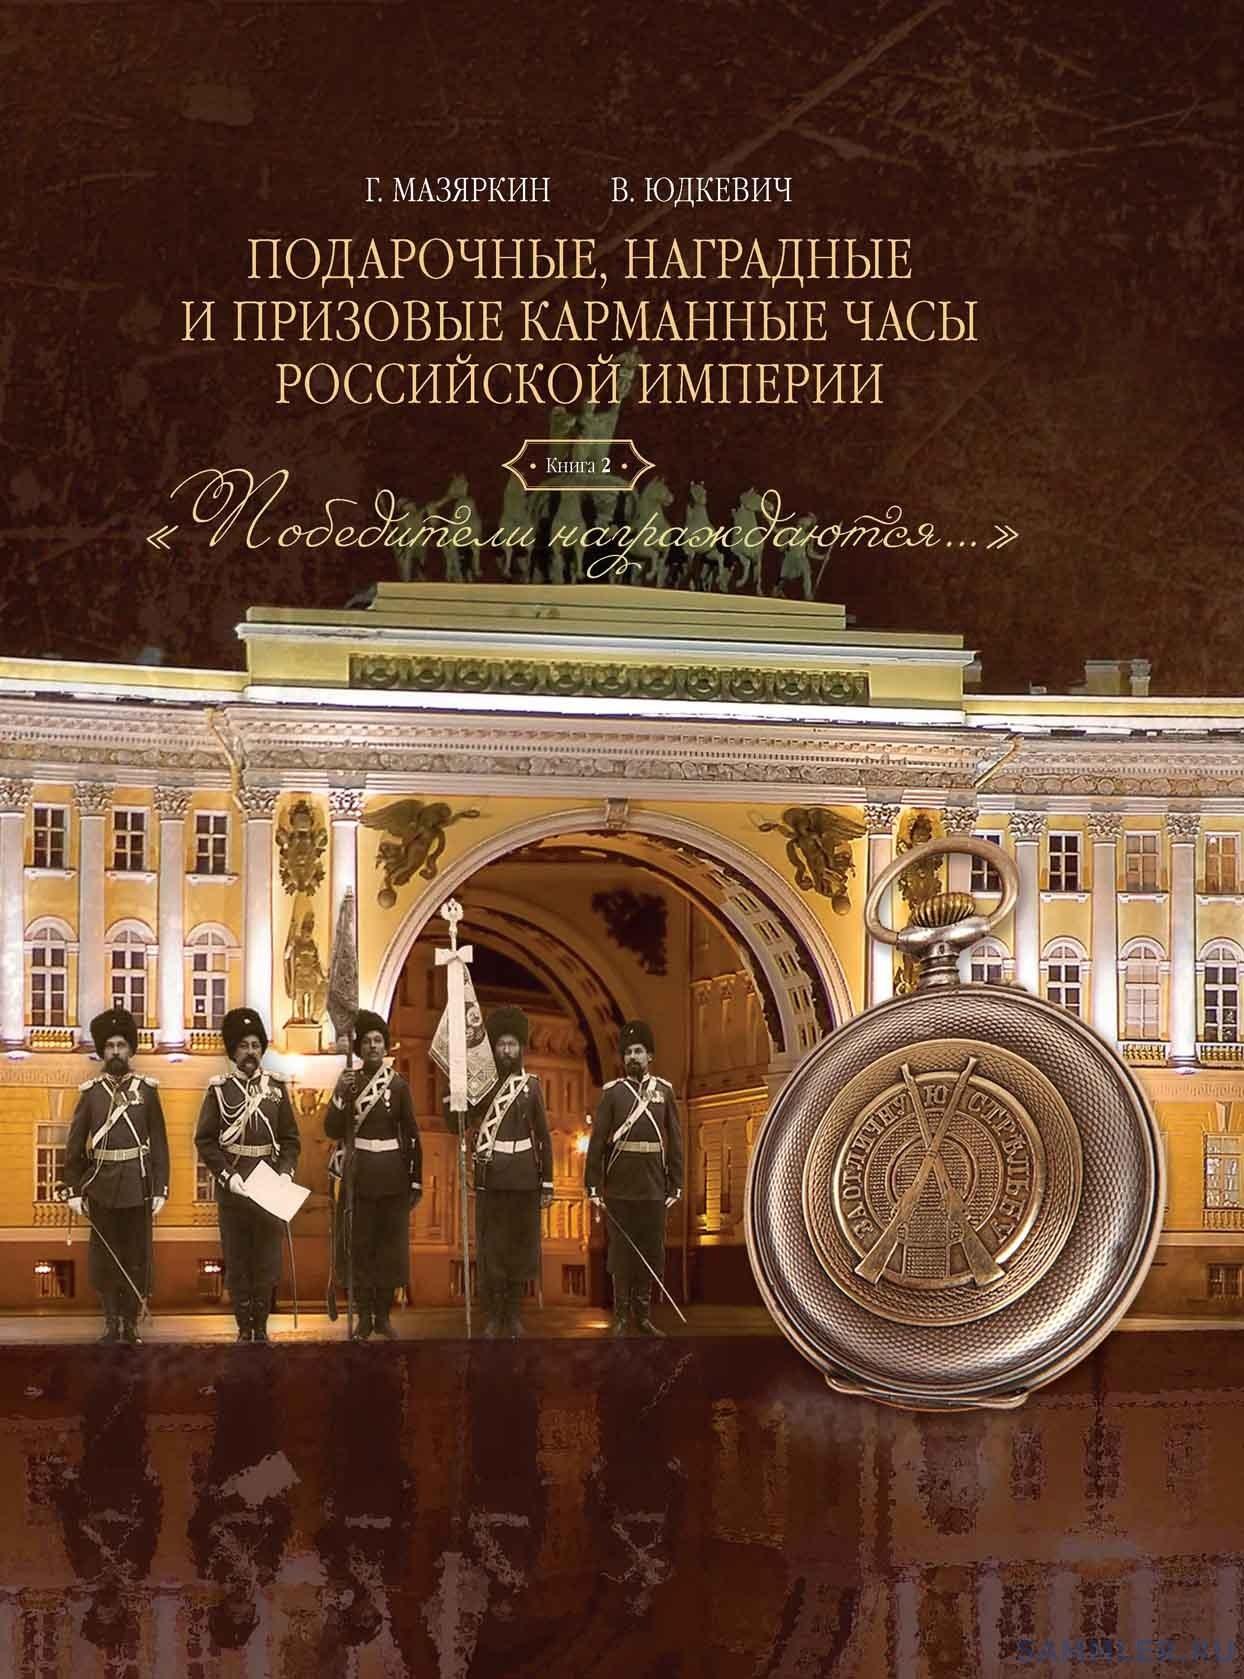 Мазяркин-2-1.jpg